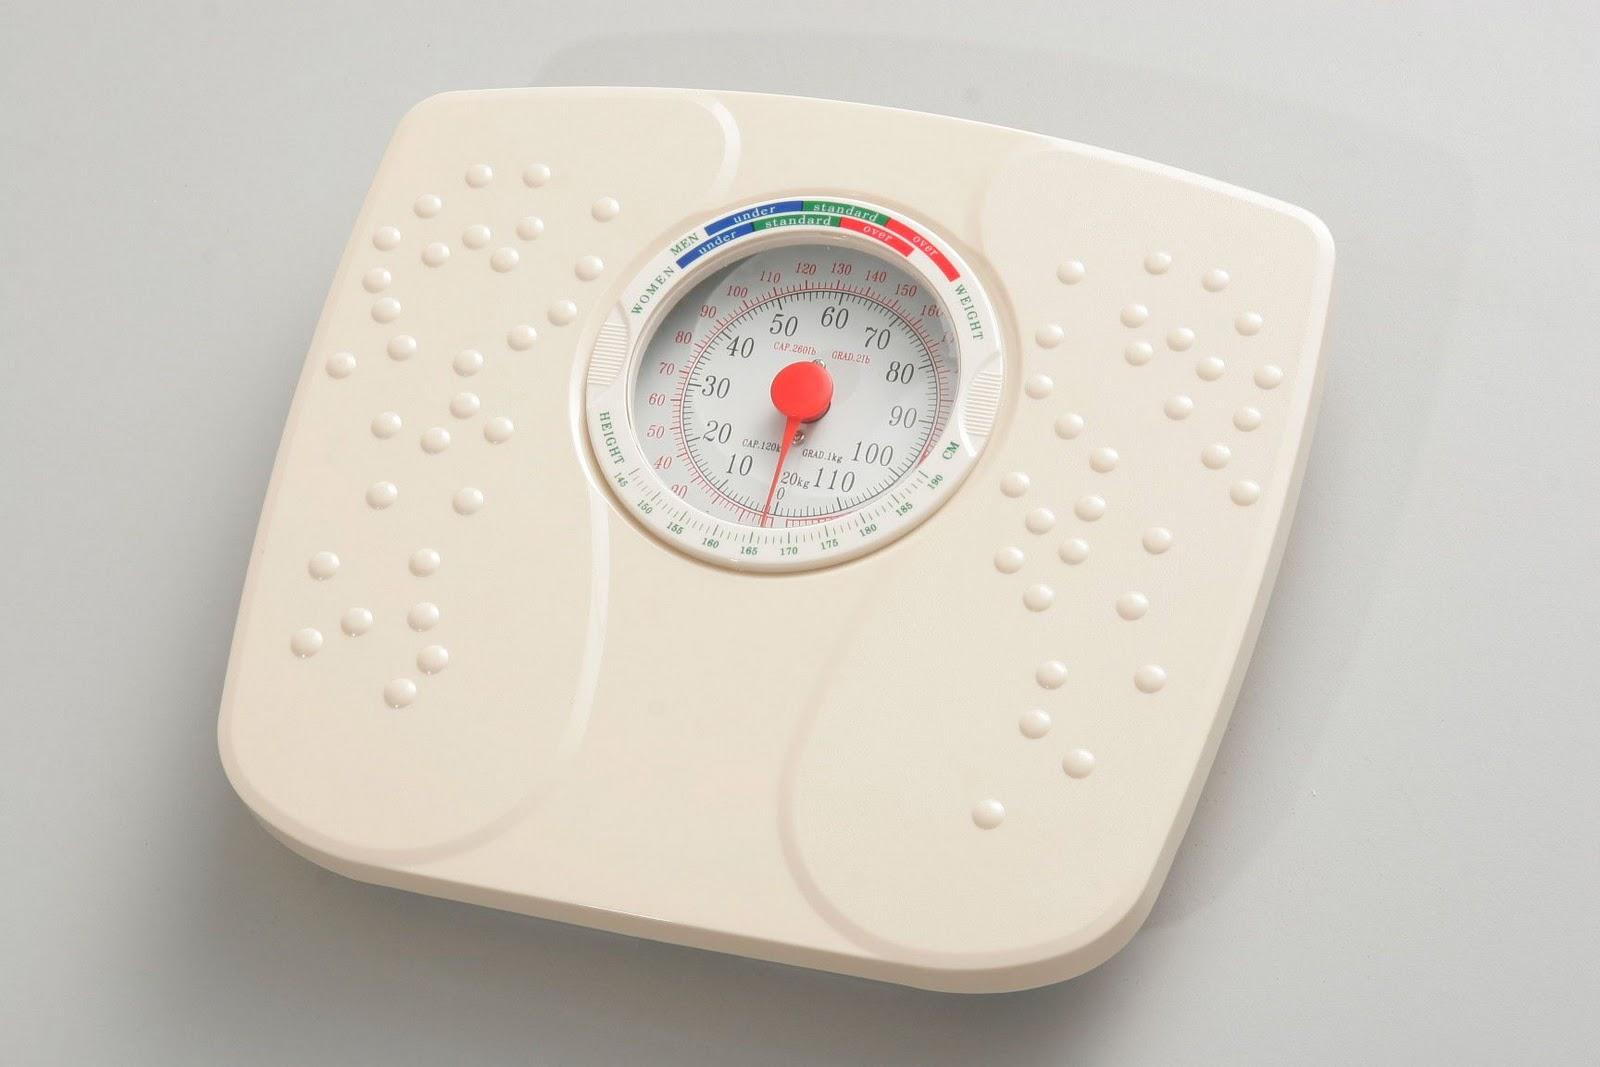 Balança p/ banheiro 120 kg mod. 2 cores: Branca/Preta R$ 27 60 Cx c  #C40A07 1600x1067 Balança Digital Banheiro Worker